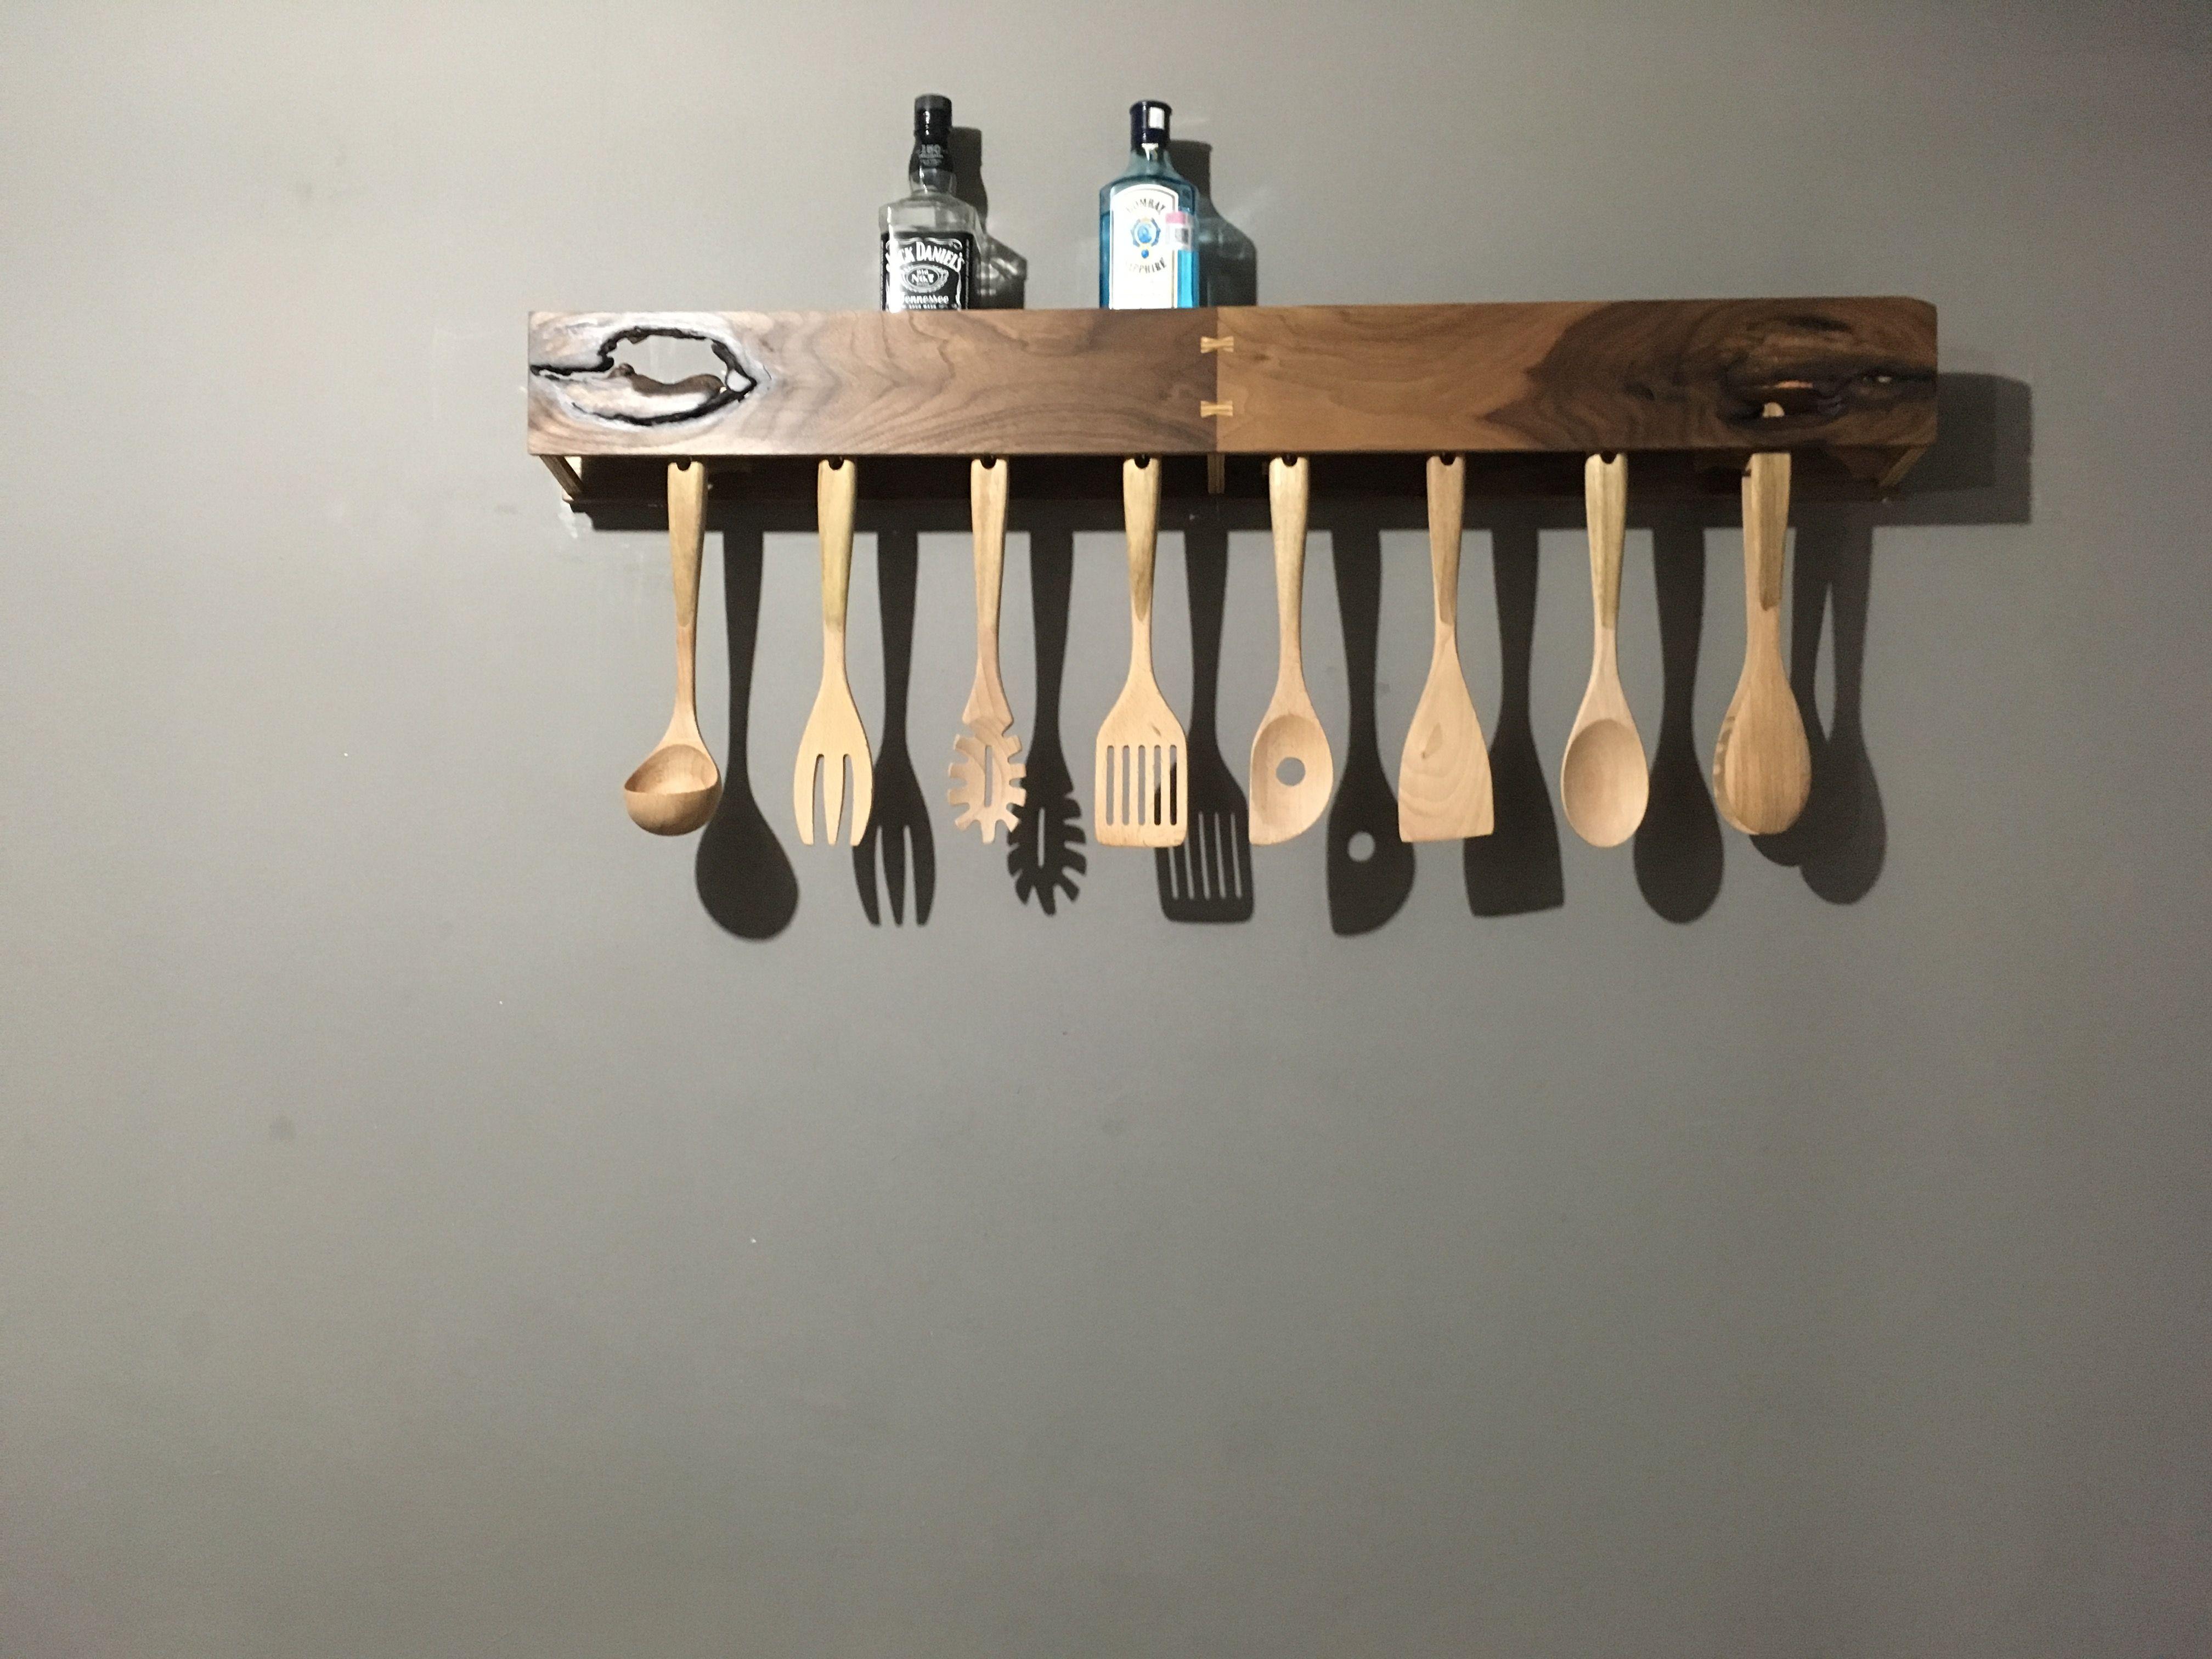 Porta cucharas de madera porta cucharas de madera for Porta cucharas cocina